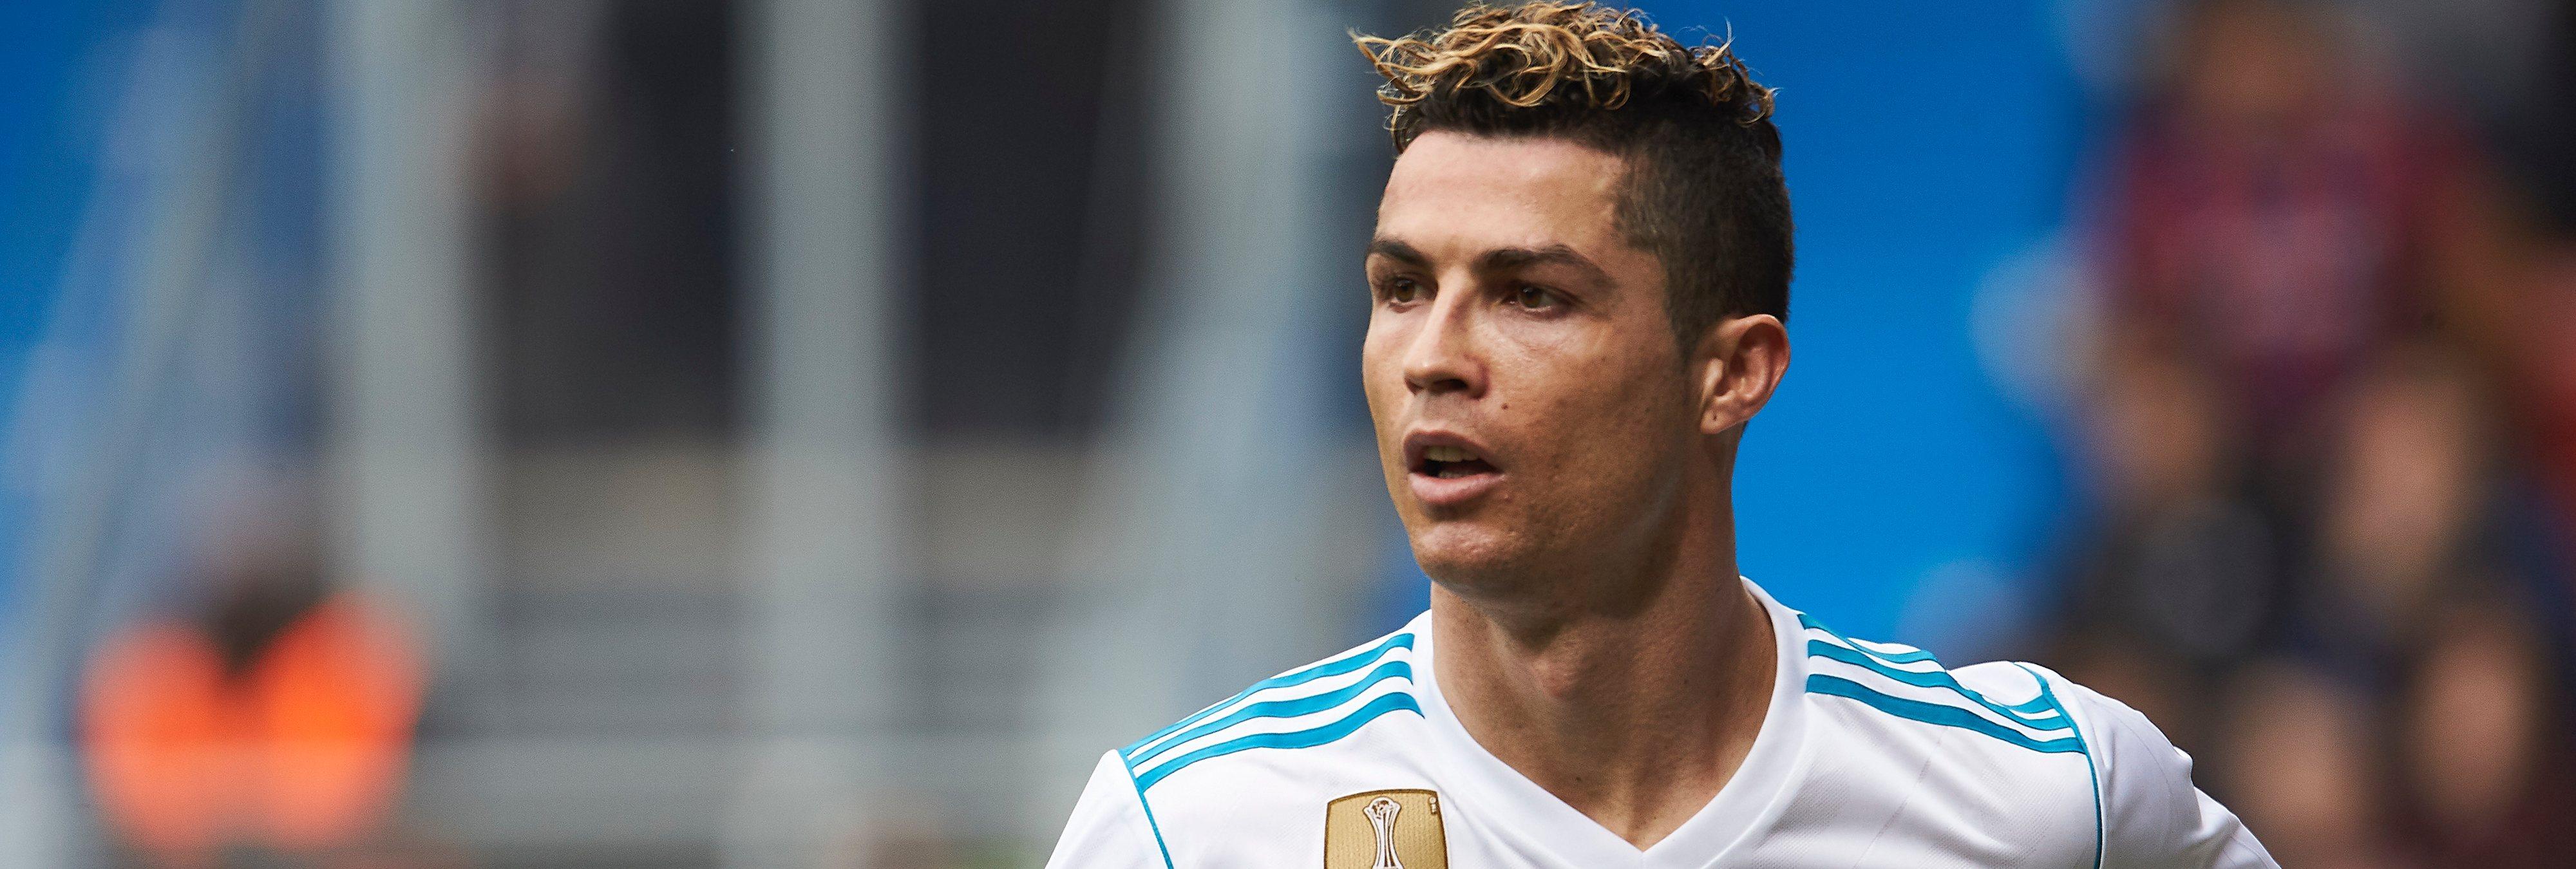 5 hitos de Cristiano Ronaldo con la camiseta del Real Madrid